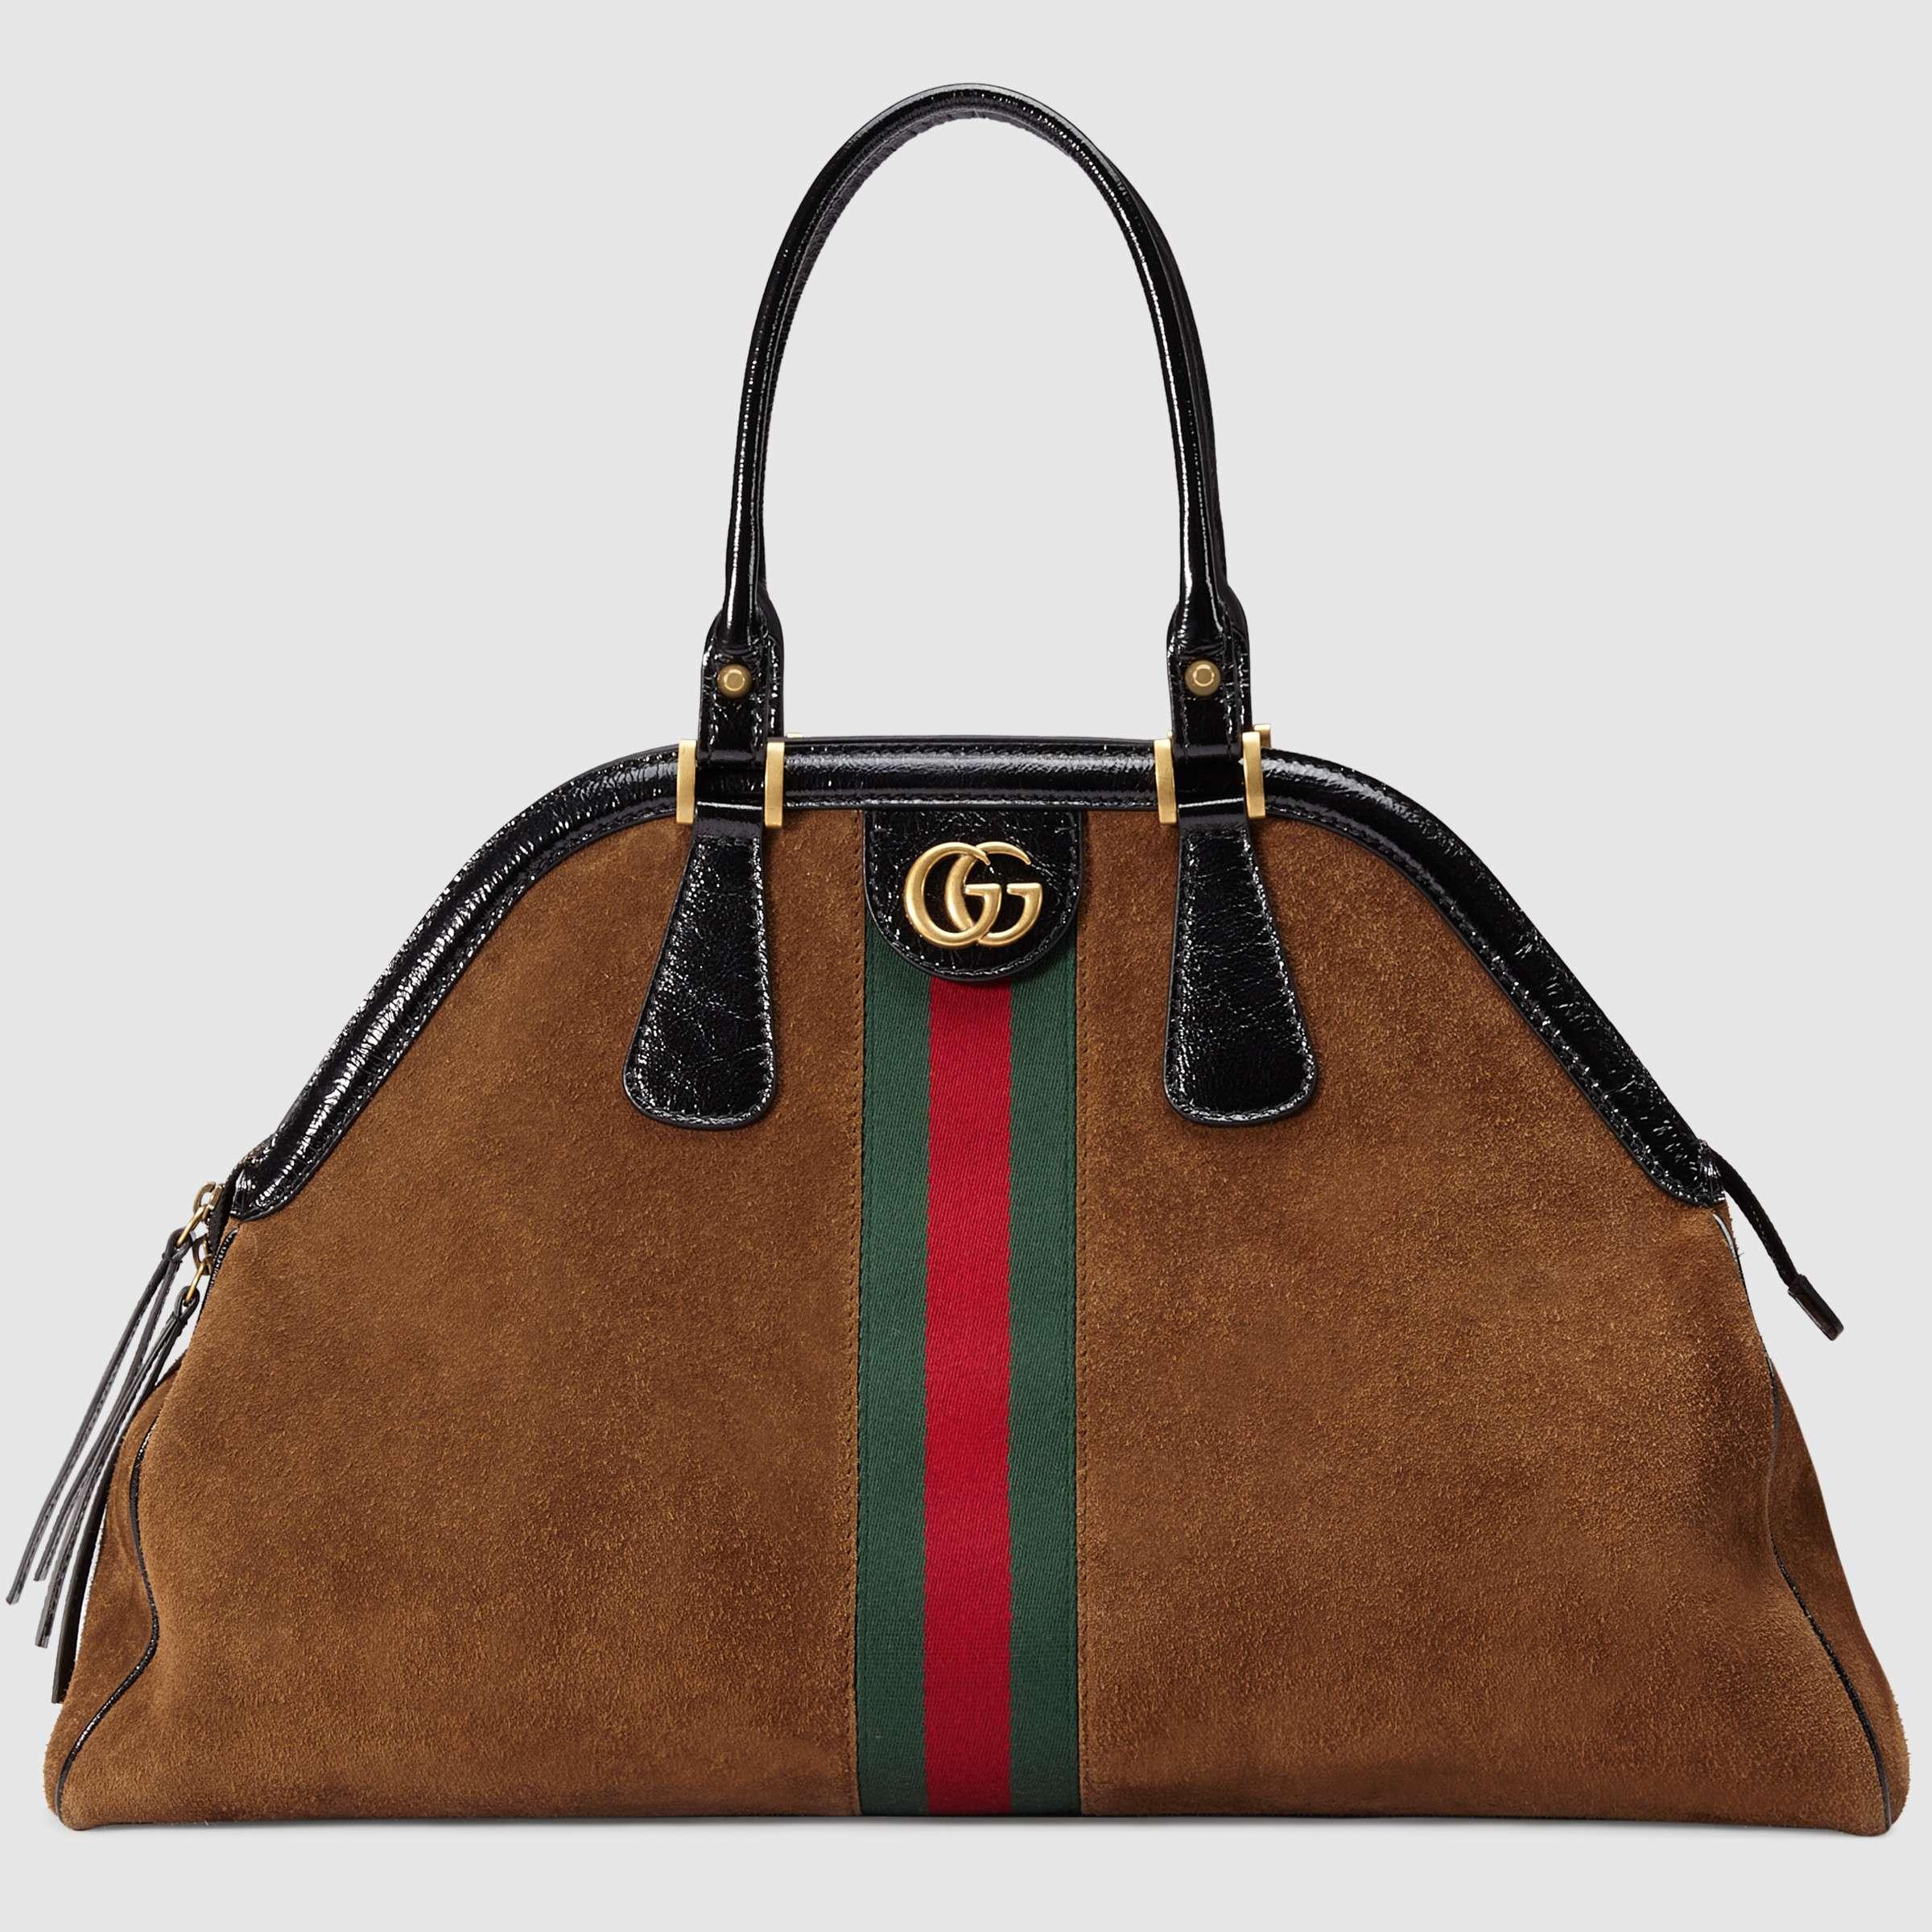 Borse Gucci Autunno Inverno 2018-2019  mood anni  70 e tocchi ... fb9cb81ef0f8